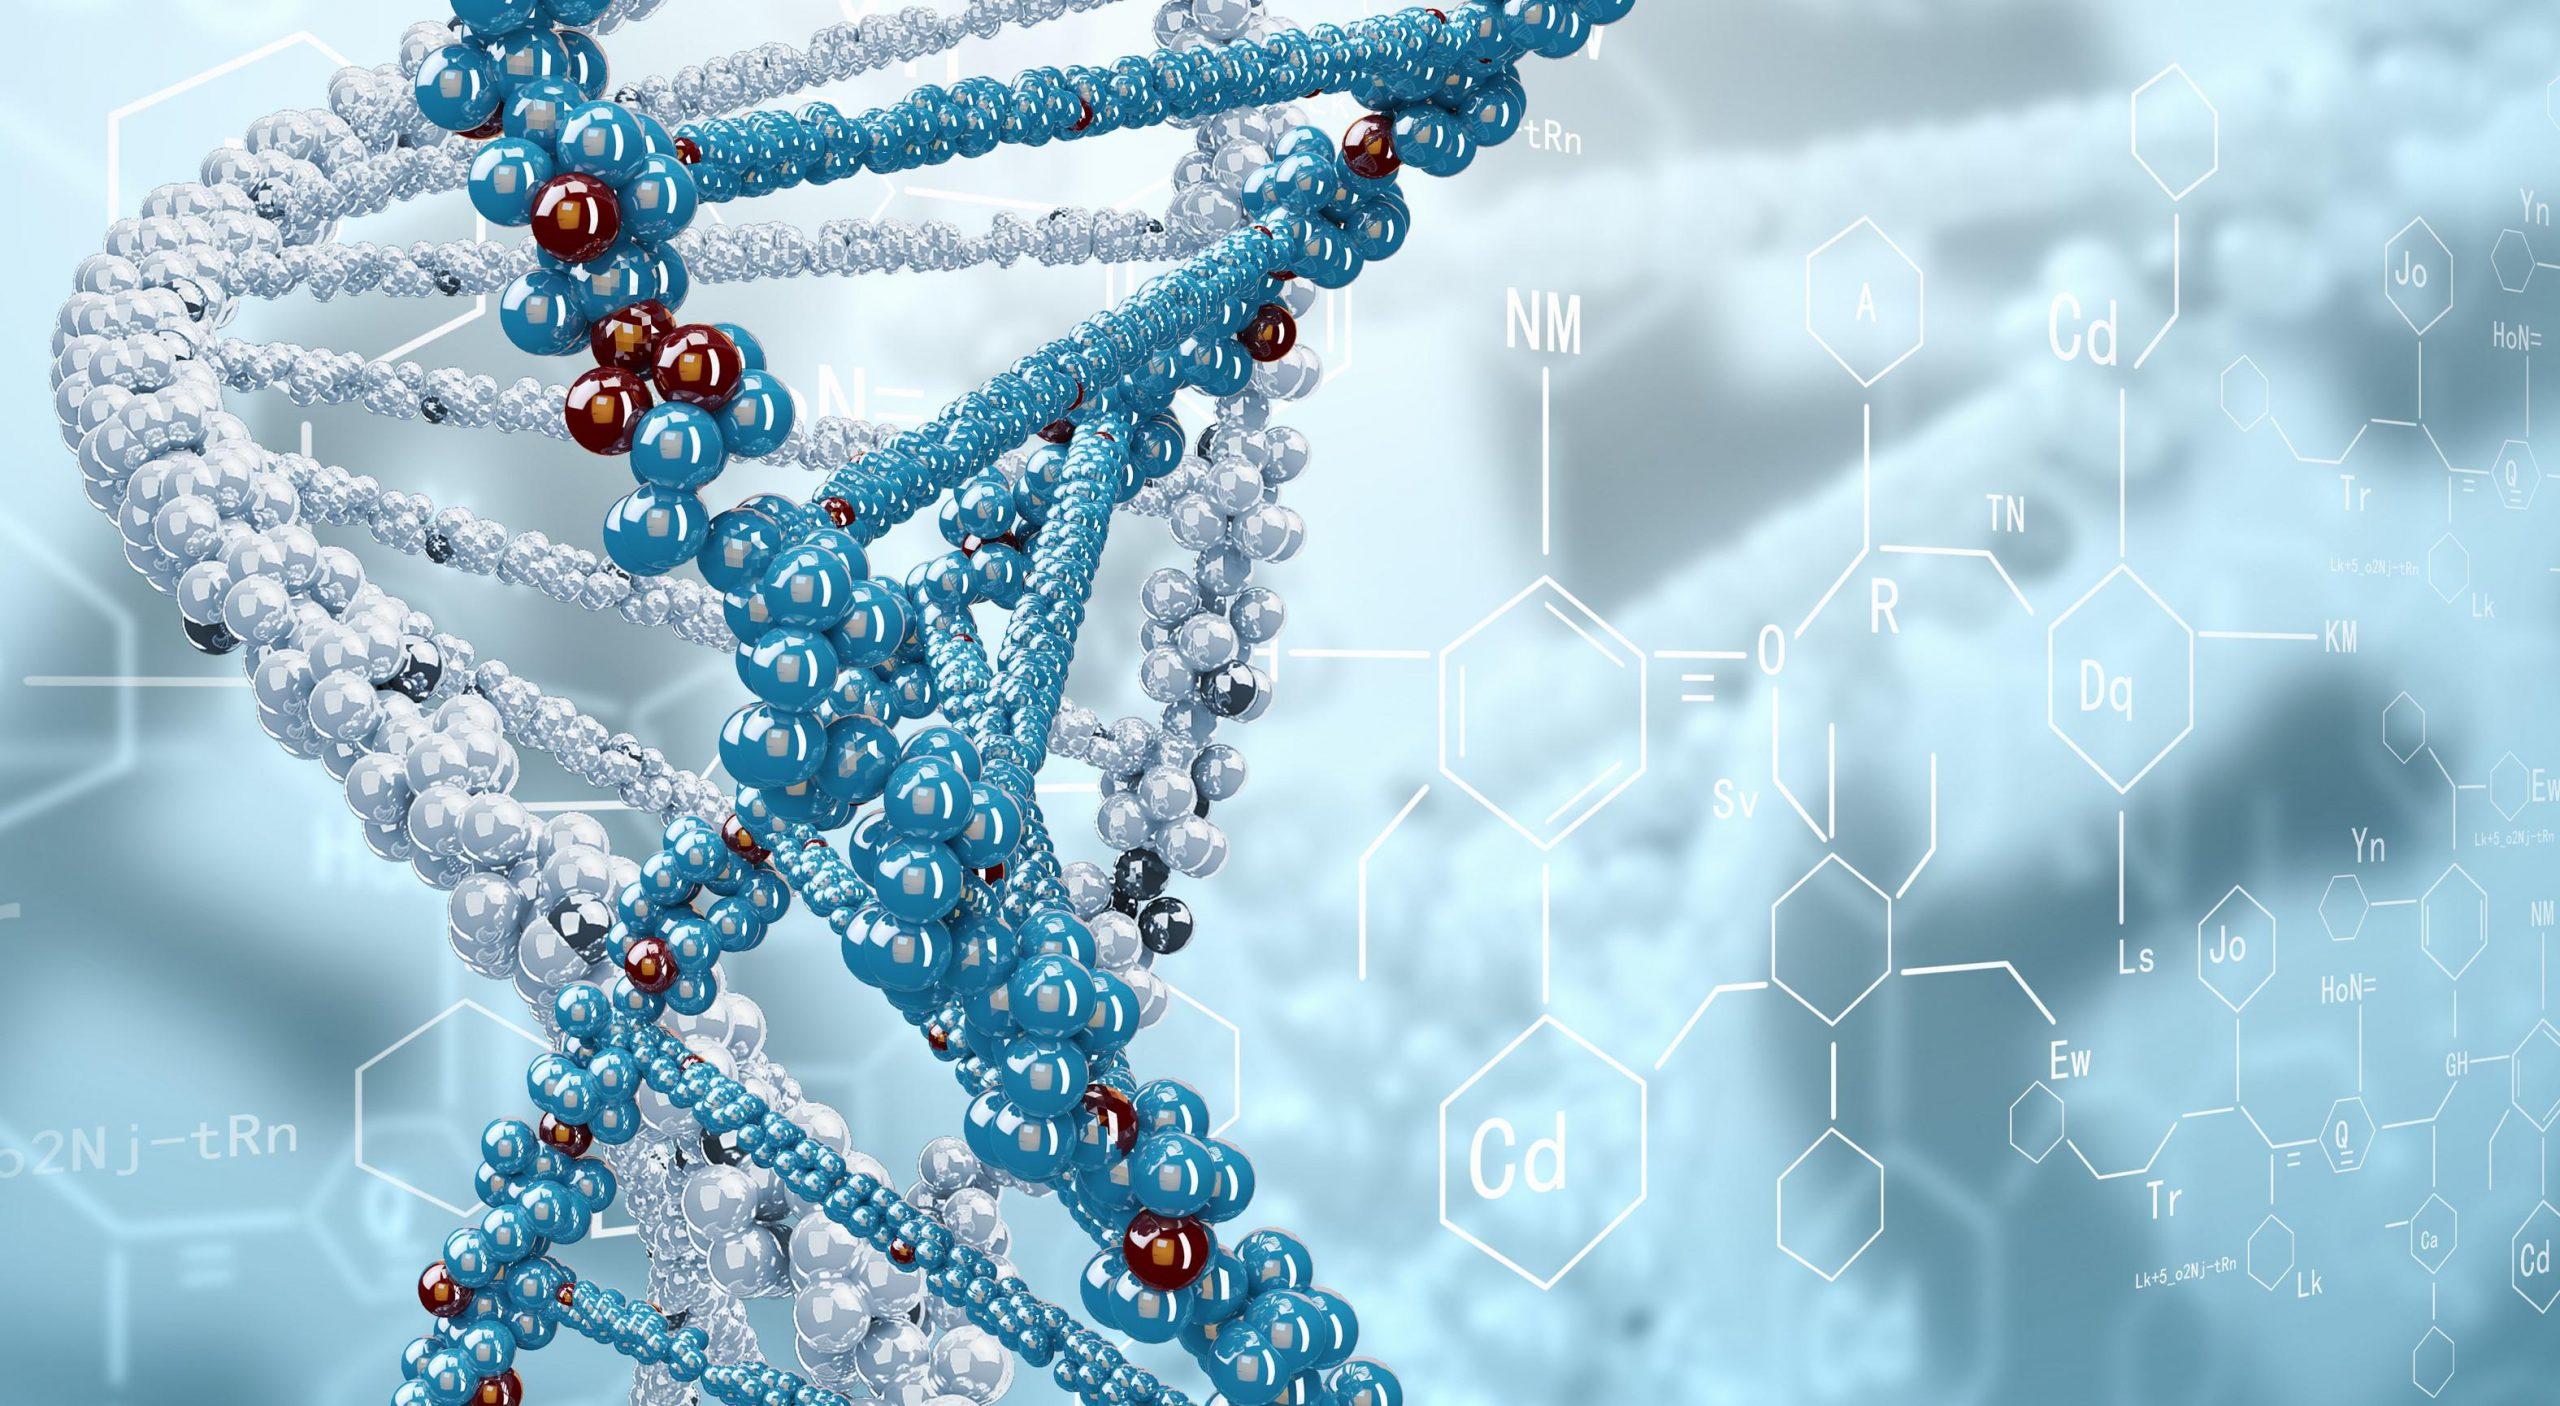 Μιτοχόνδριο κύτταρο λειτουργία: Ο ρόλος του στην ανάπτυξη σοβαρών ασθενειών